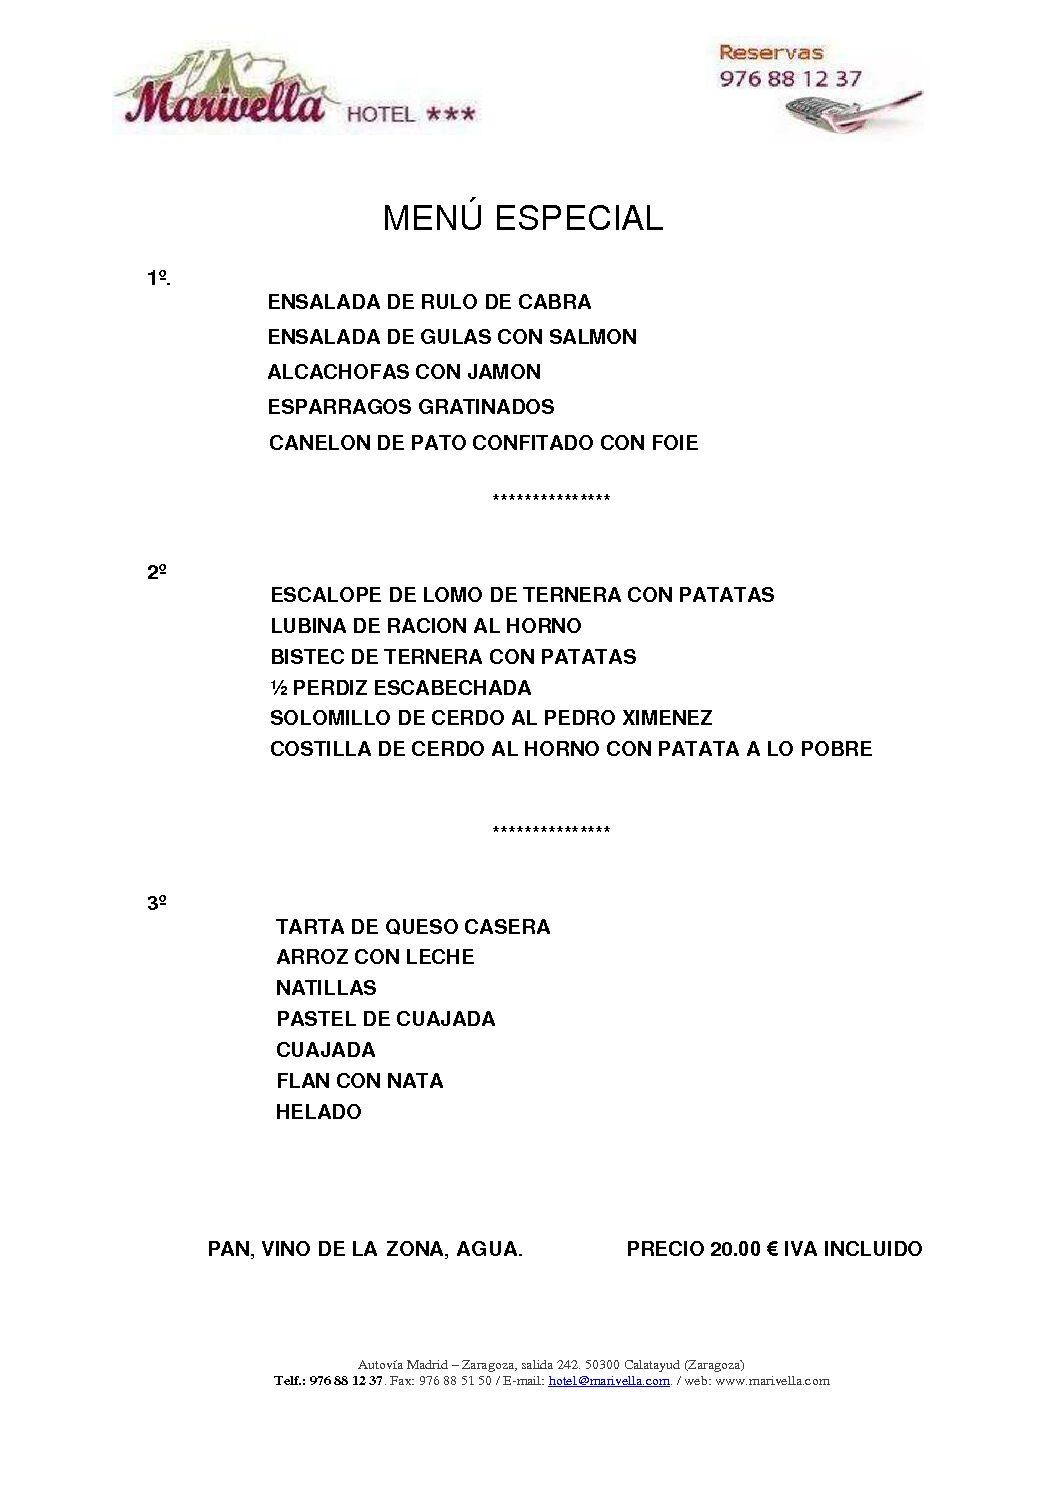 MENU-ESPECIAL-5-DE-ENERO-SABADO-NOCHE-pdf.jpg